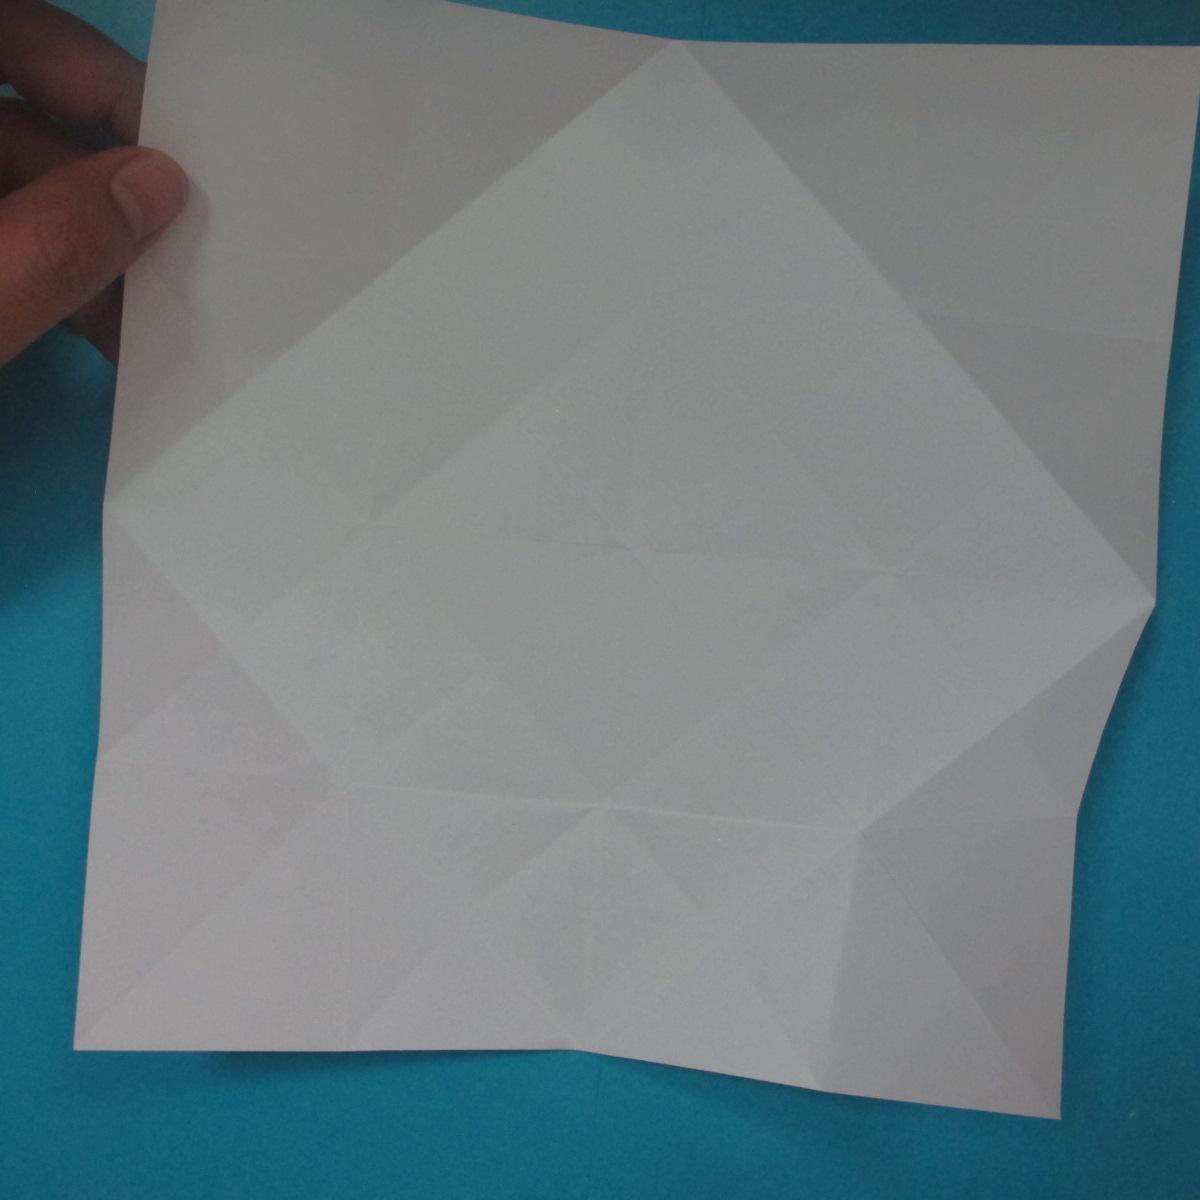 วิธีการพับกระดาษเป็นนกเพนกวิ้น 008